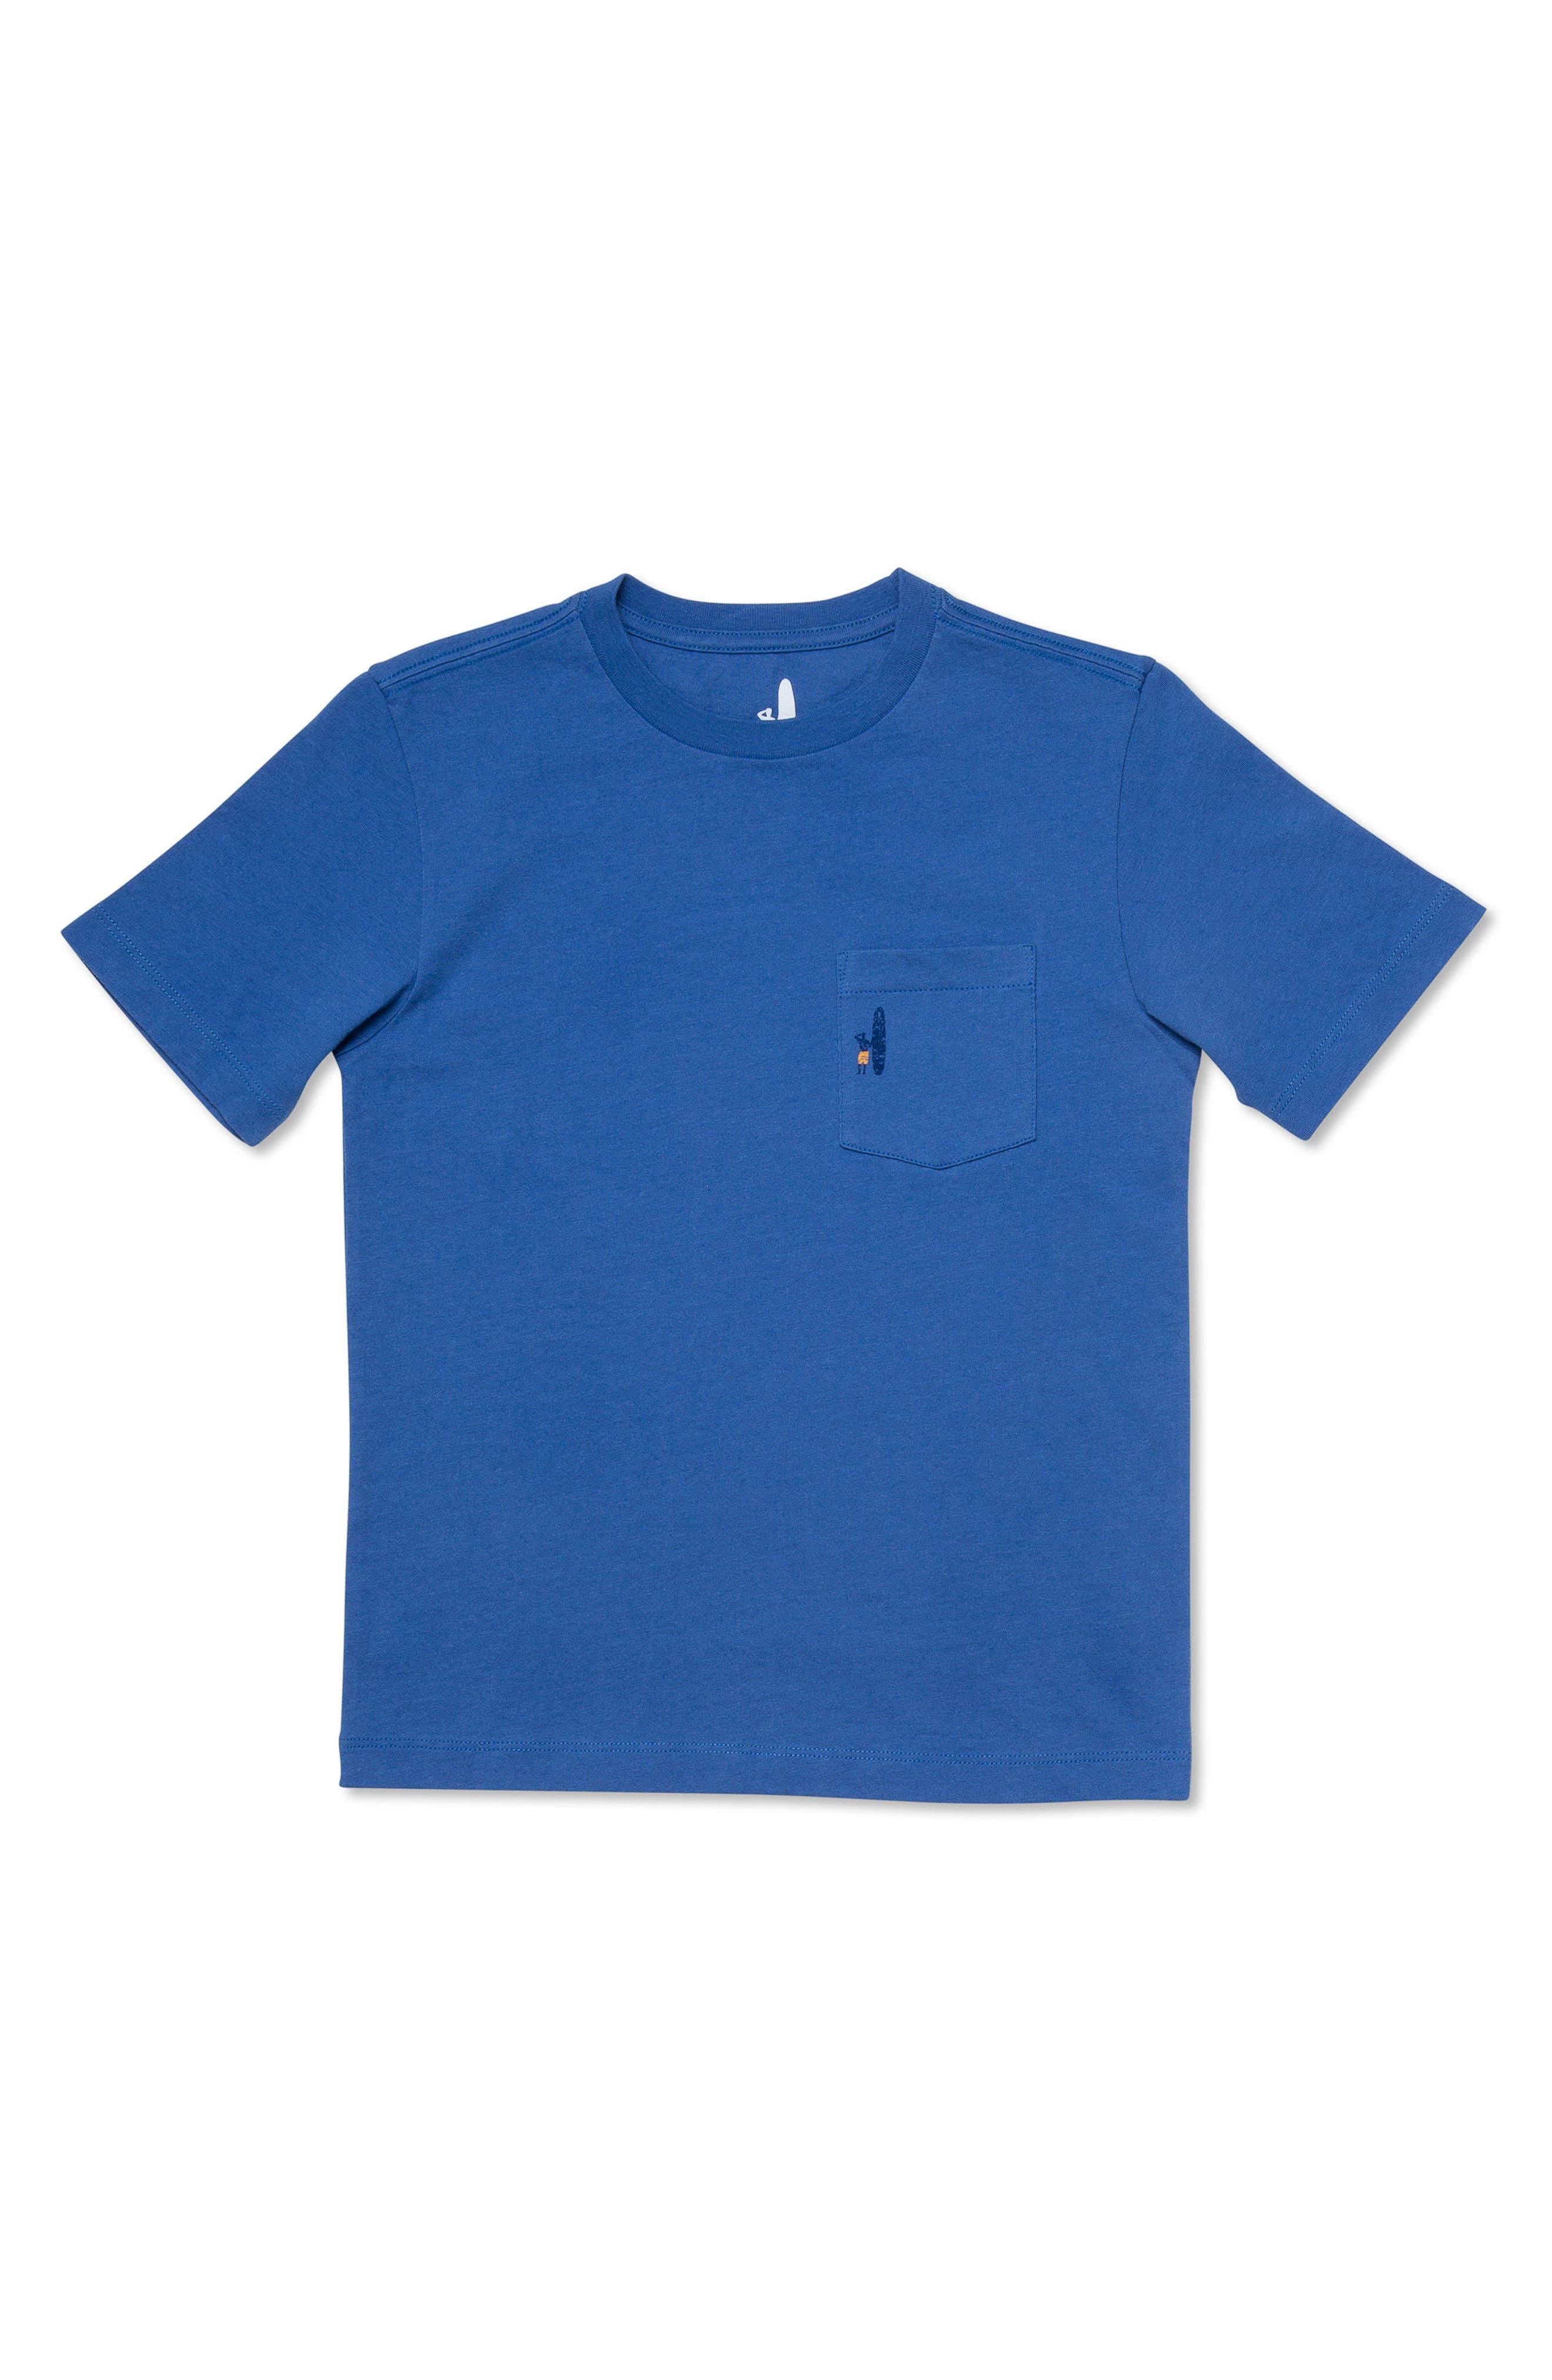 Heatwave Graphic Pocket T-Shirt,                         Main,                         color, Laguna Blue